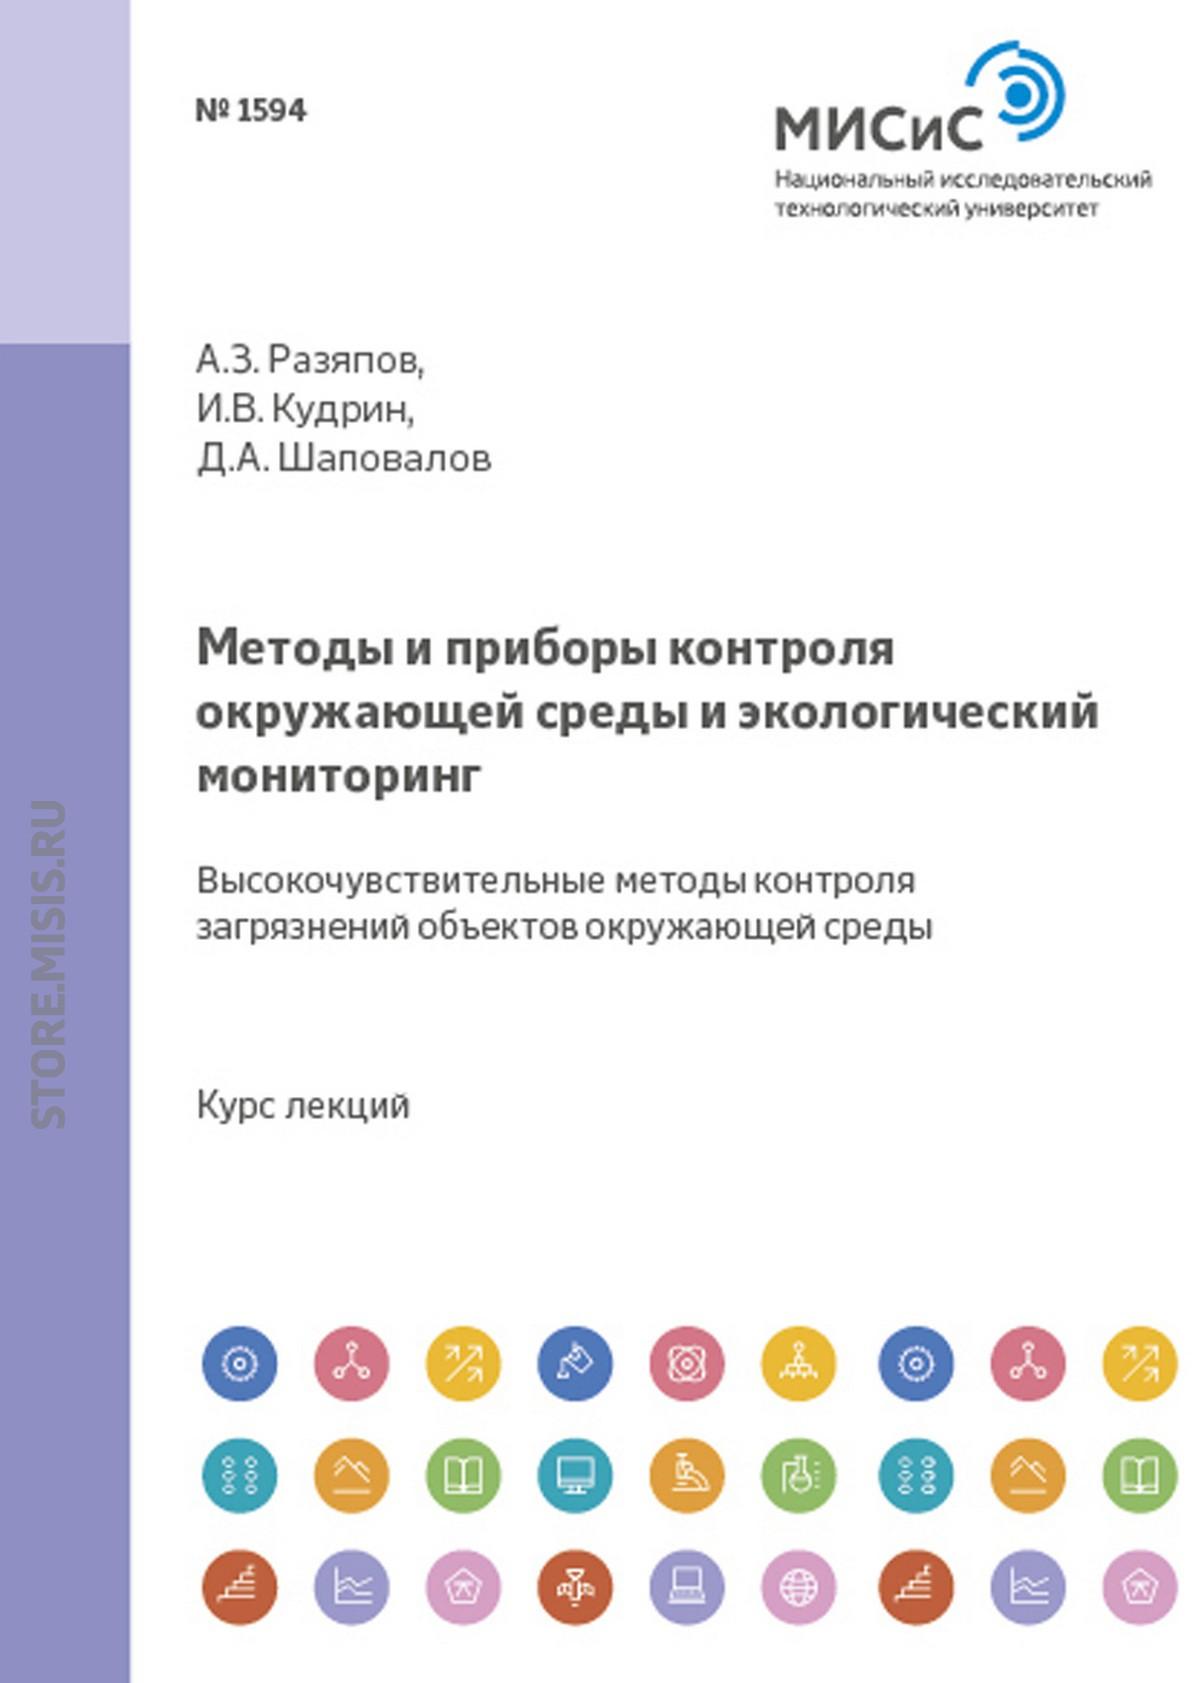 Дмитрий Шаповалов Методы и приборы контроля окружающей среды и экологический мониторинг. Высокочувствительные методы контроля загрязнений объектов окружающей среды